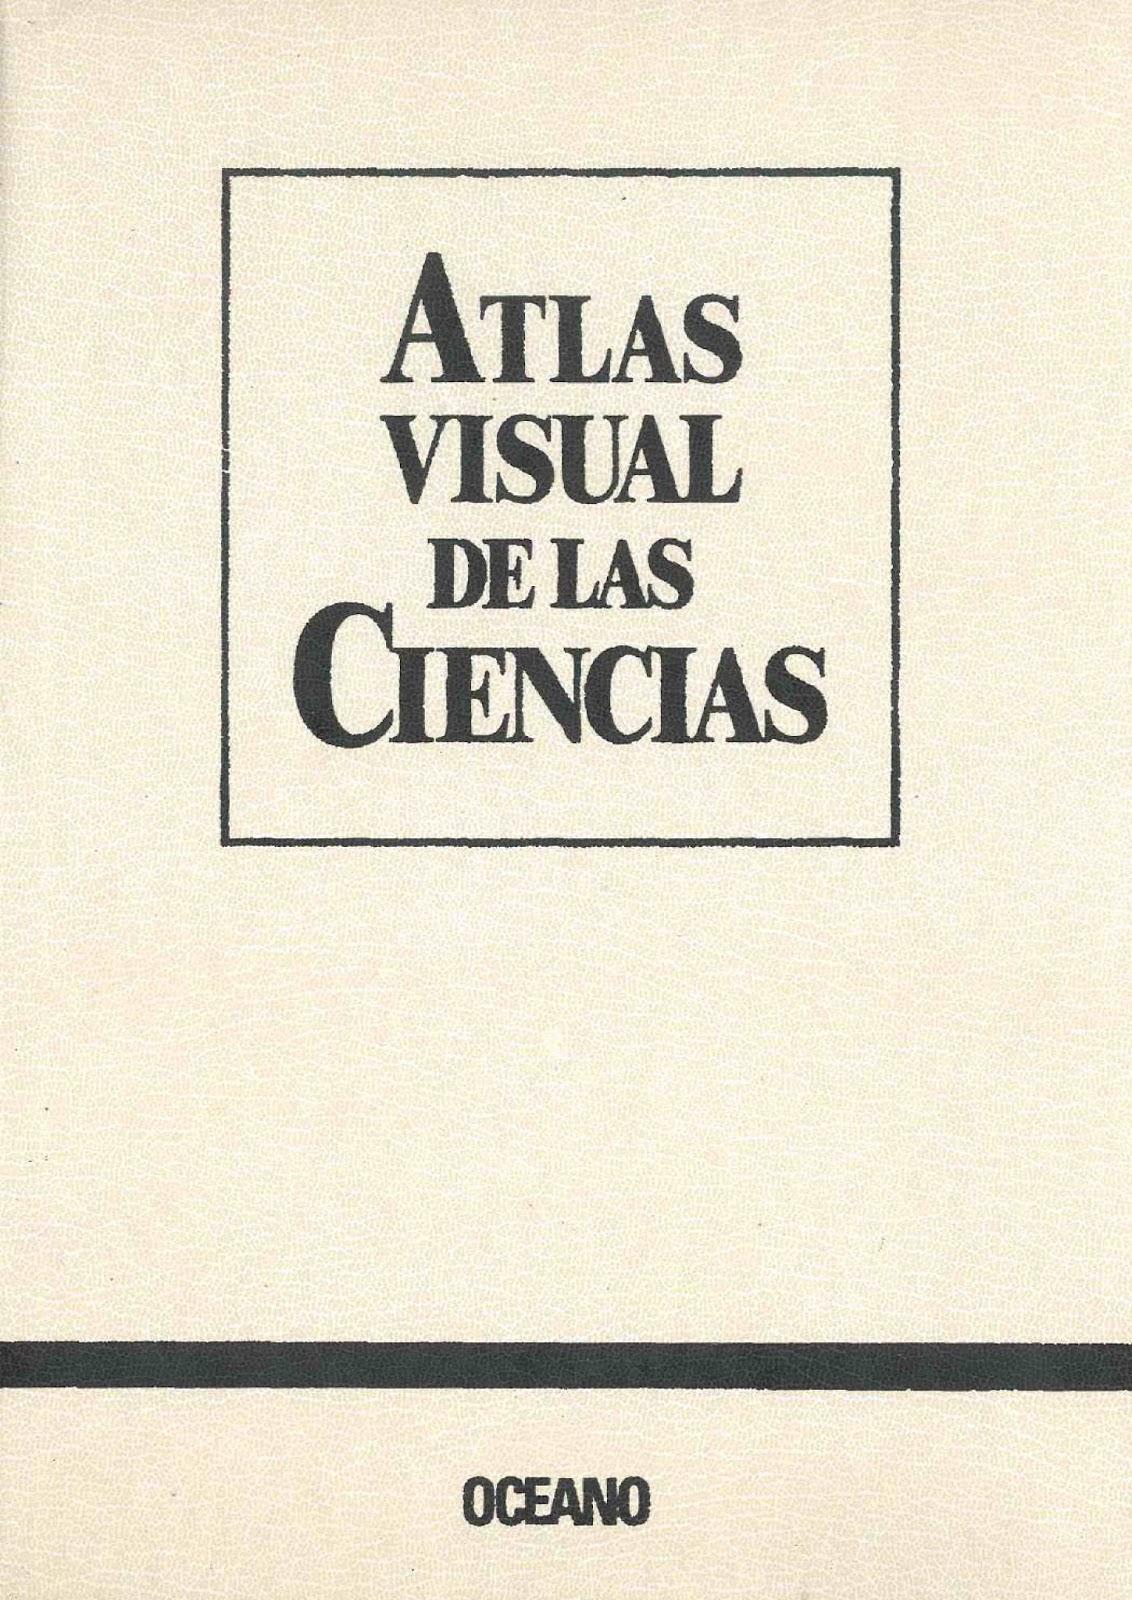 Libros, Revistas, Intereses : Atlas Visual de las Ciencias